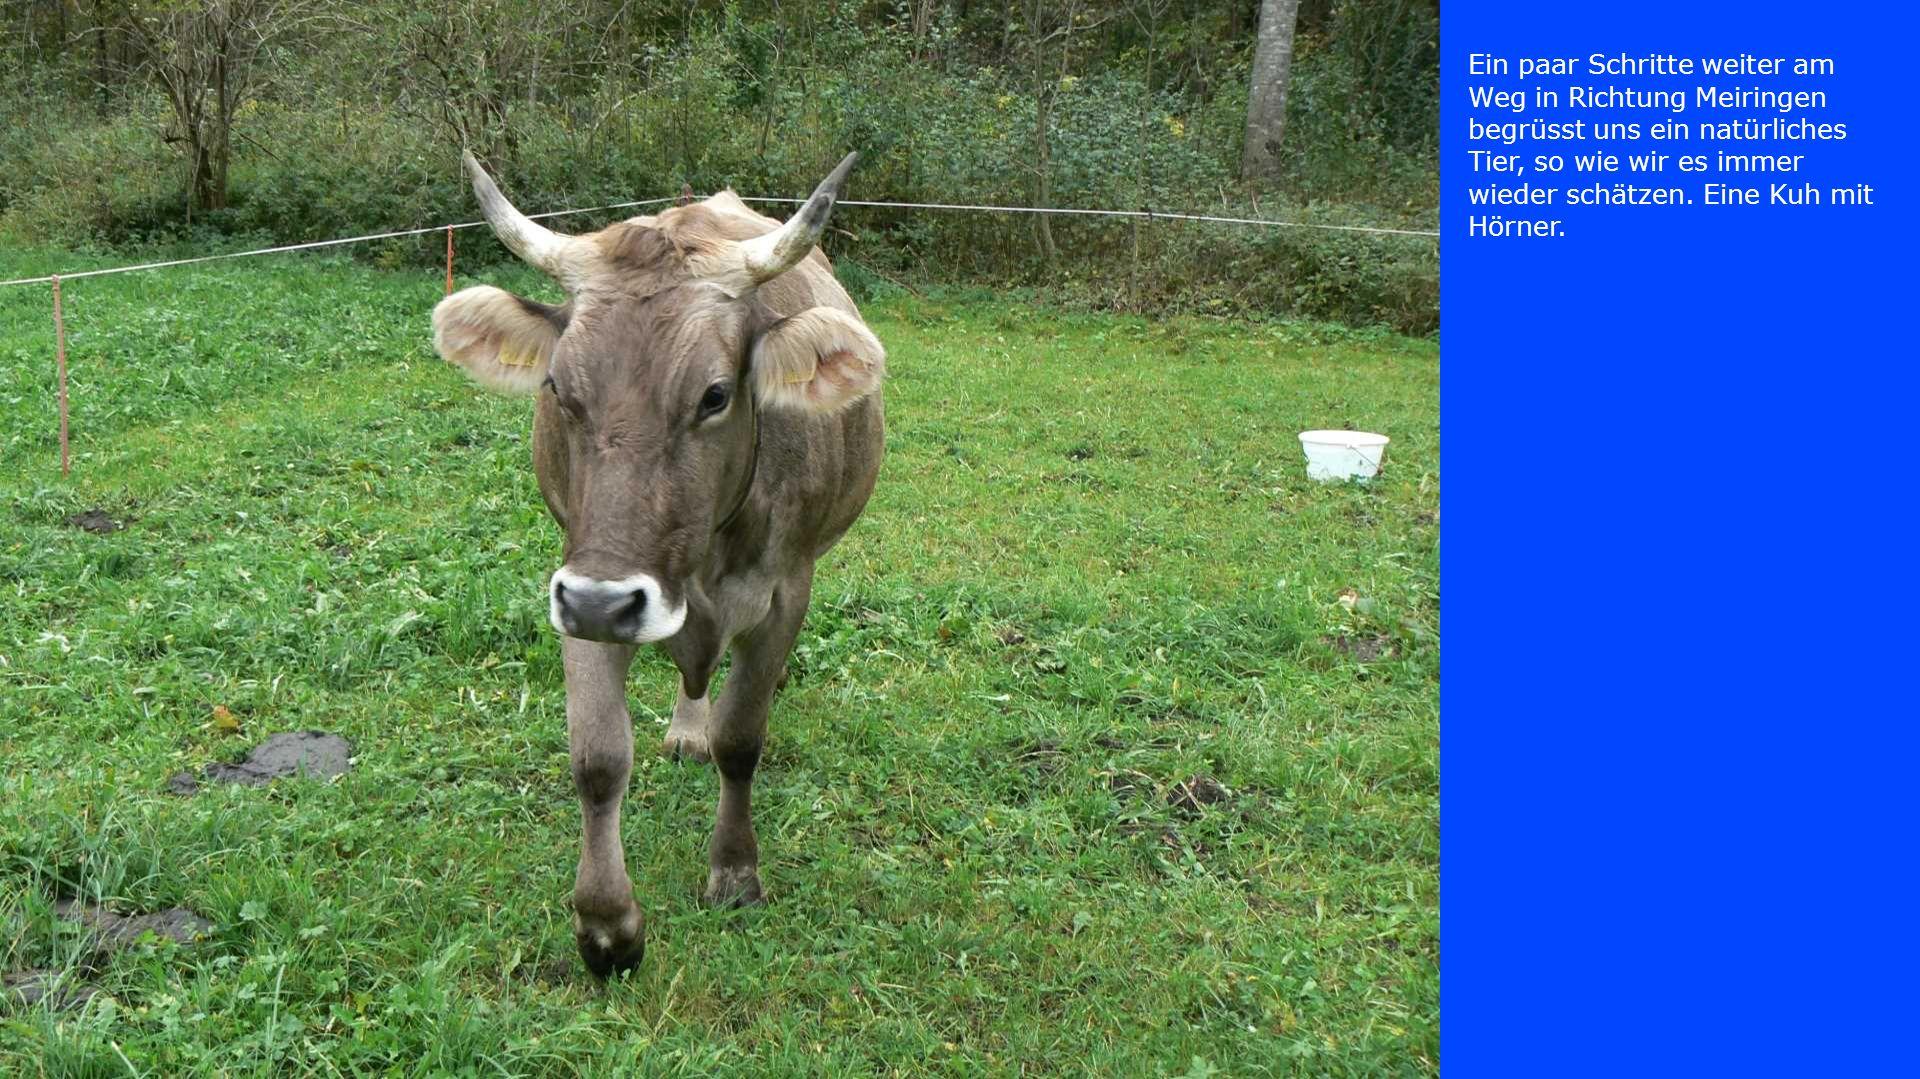 Ein paar Schritte weiter am Weg in Richtung Meiringen begrüsst uns ein natürliches Tier, so wie wir es immer wieder schätzen.